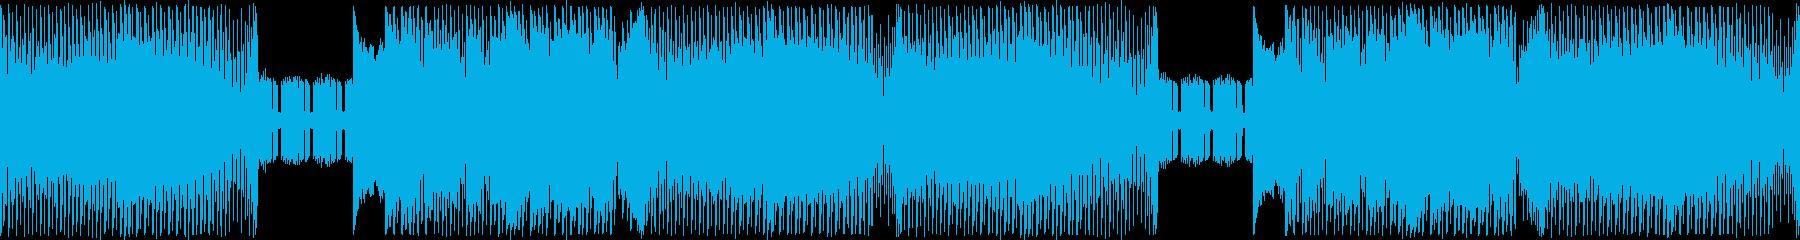 ジュリアナ系ハイパーテクノレイブ重厚の再生済みの波形